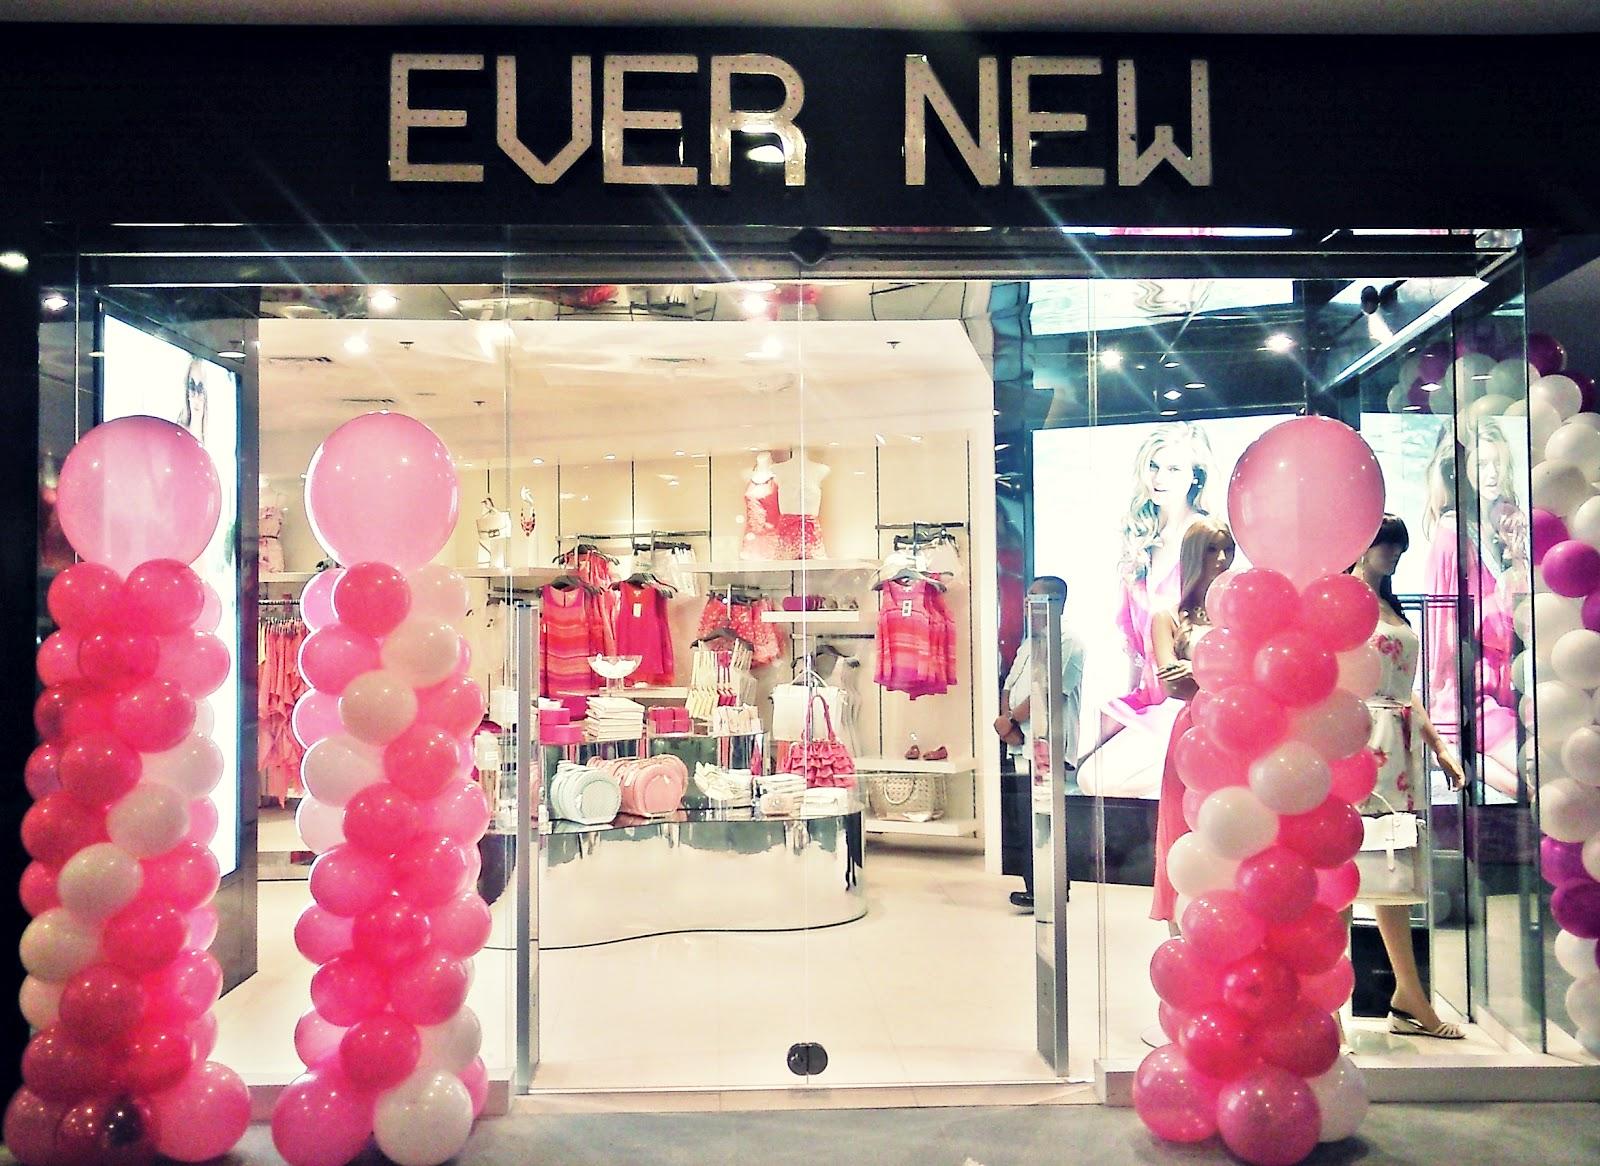 CARLTURE: Top Aussie Fashion Brand EVER NEW inhabit ...